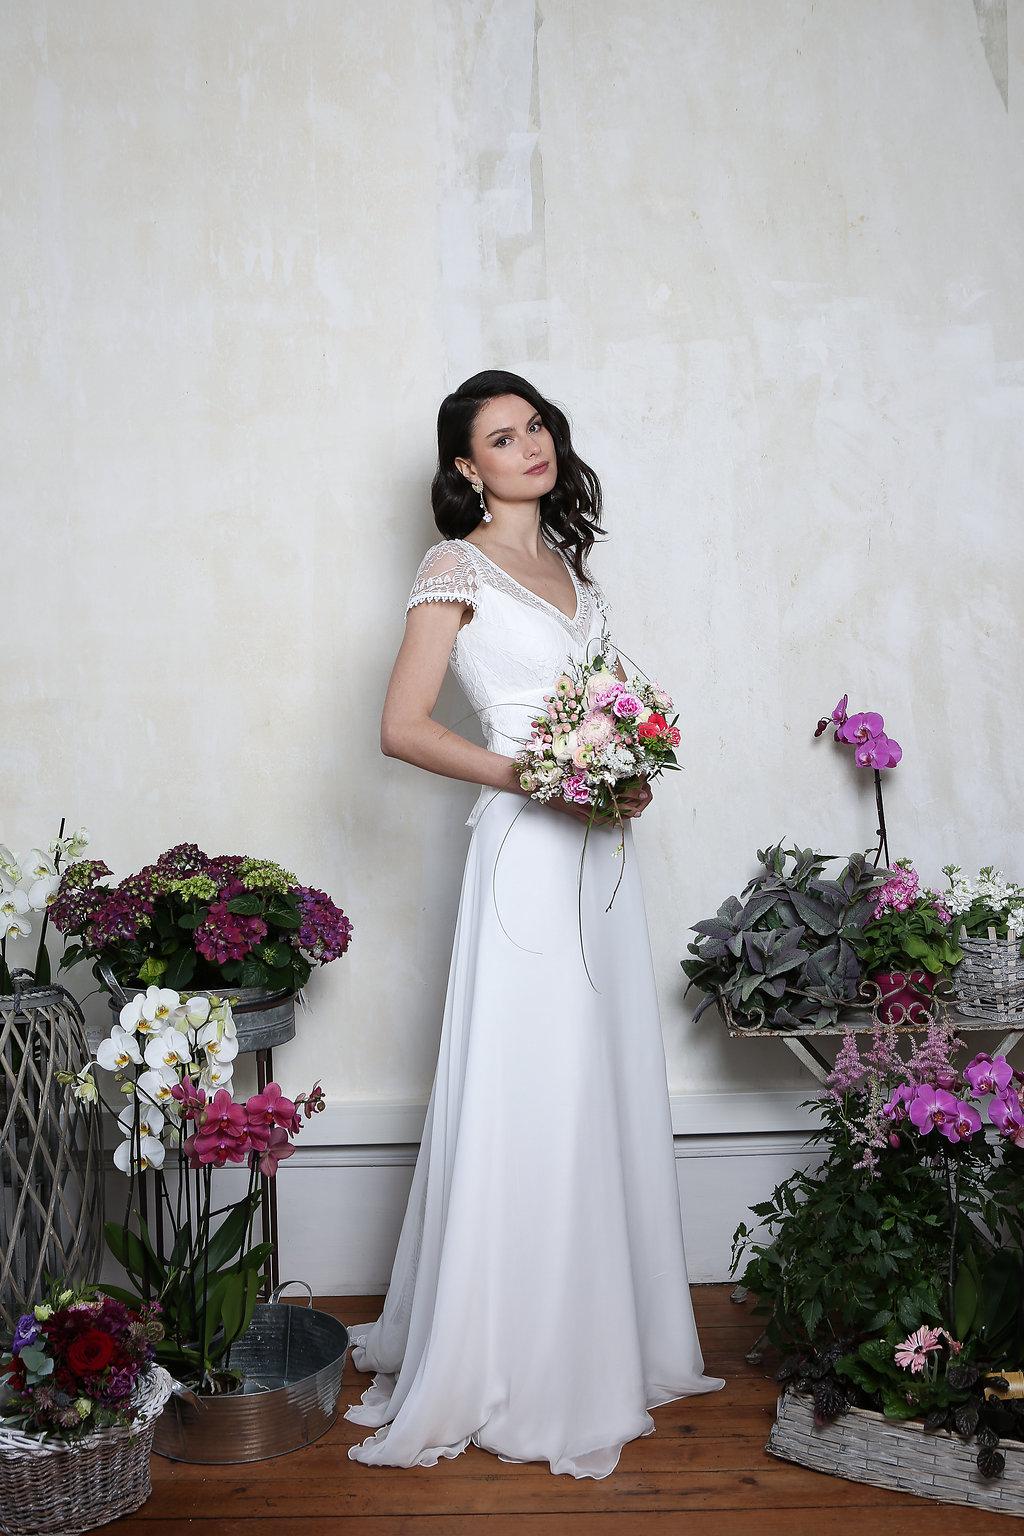 Robes de mariée tendances à Toulon (Var) - Noces de Manon  e2c0db50a7f